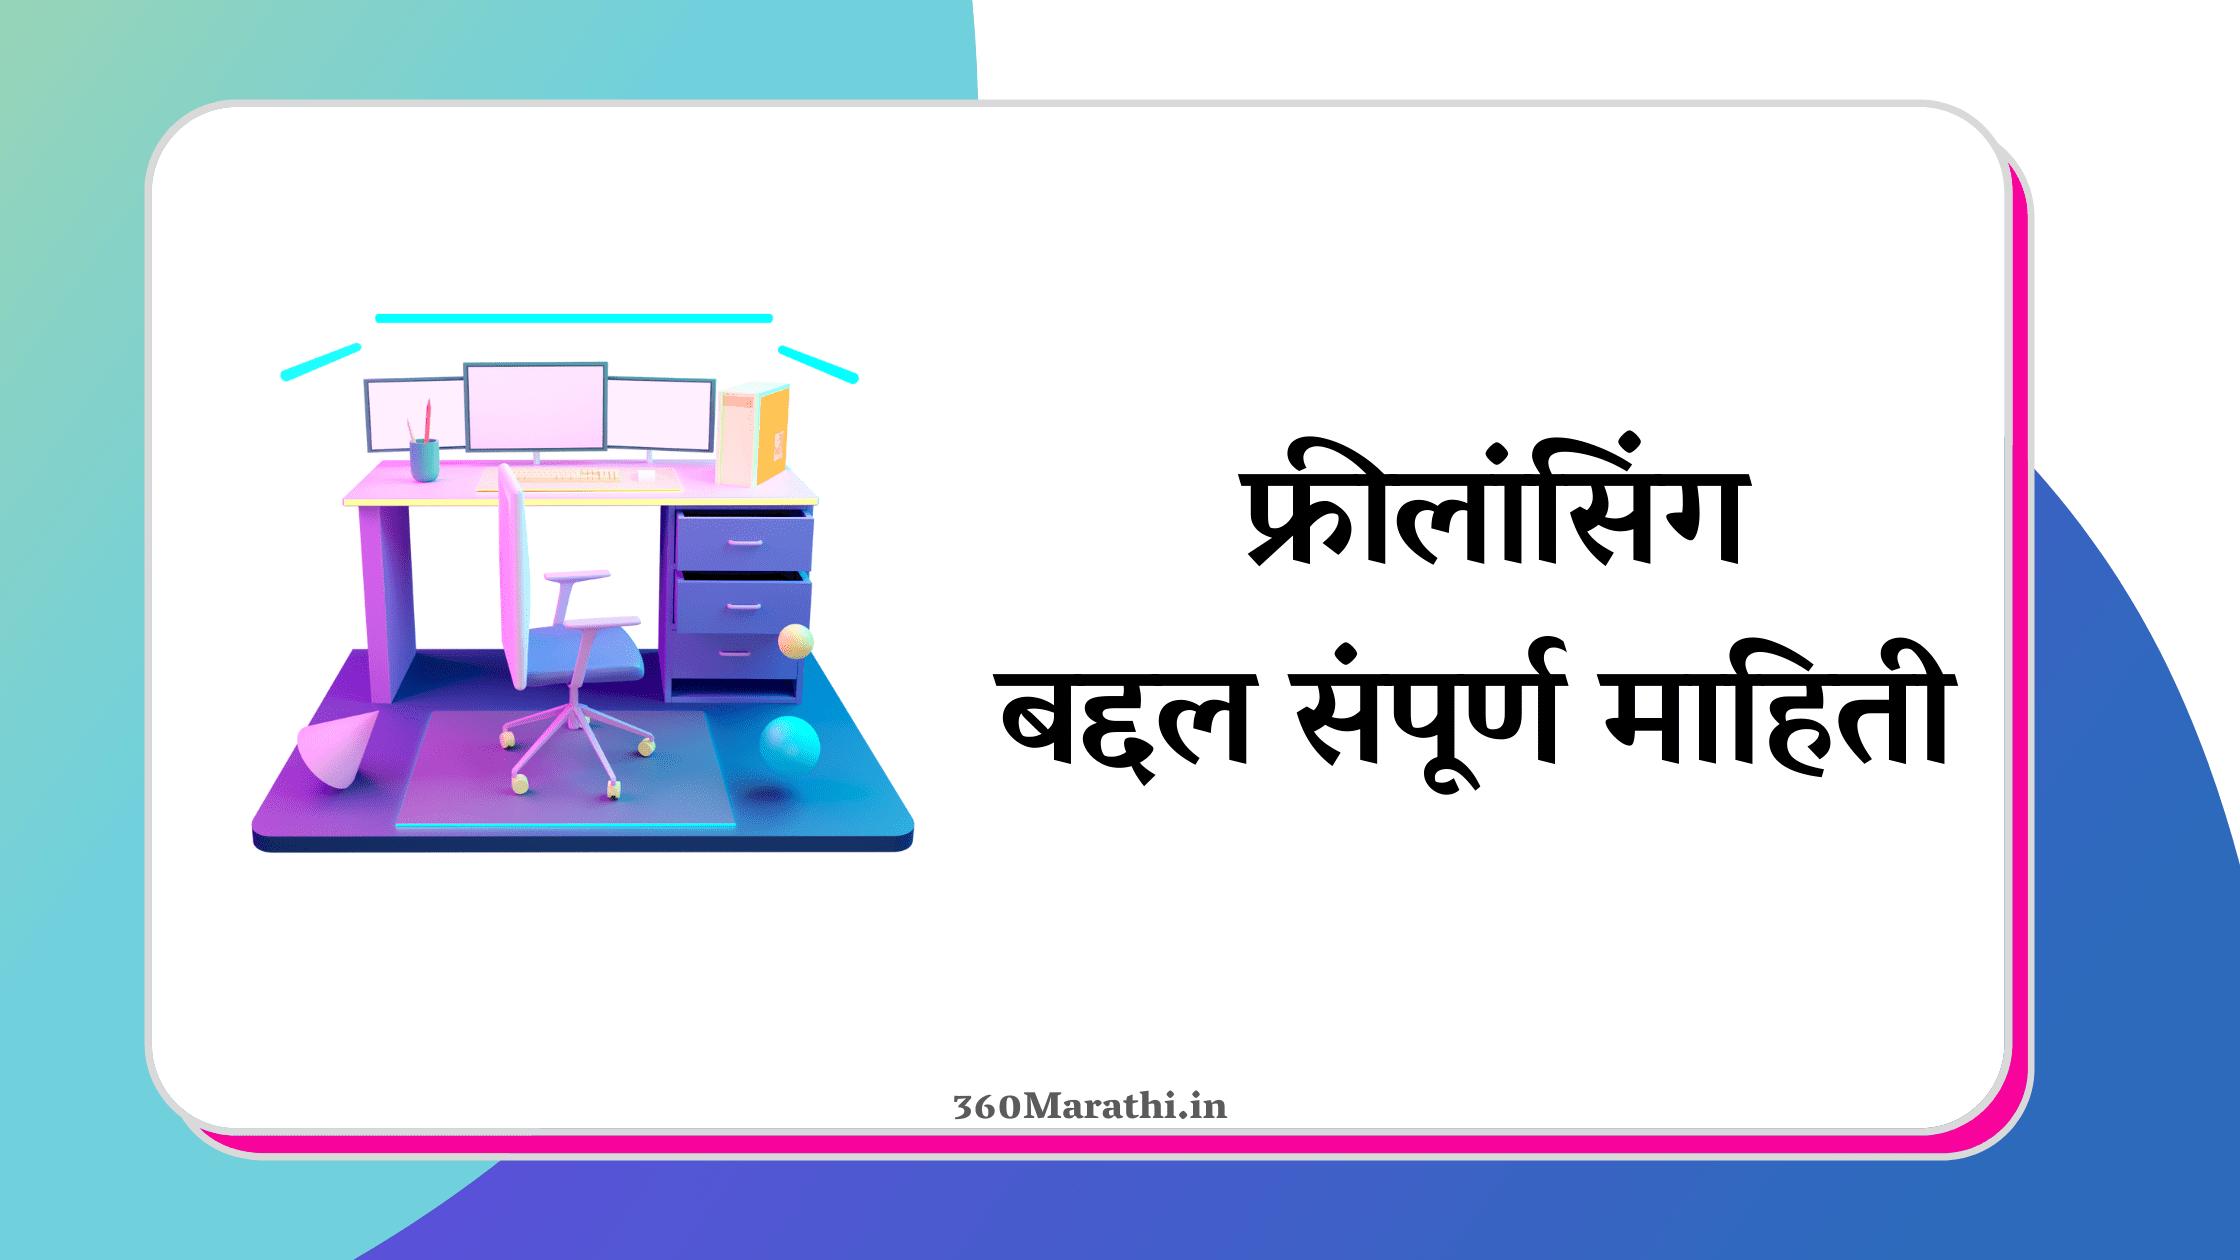 Freelancing Meaning in Marathi | फ्रीलांसिंग म्हणजे काय ( घरबसल्या पैसे कमवा )